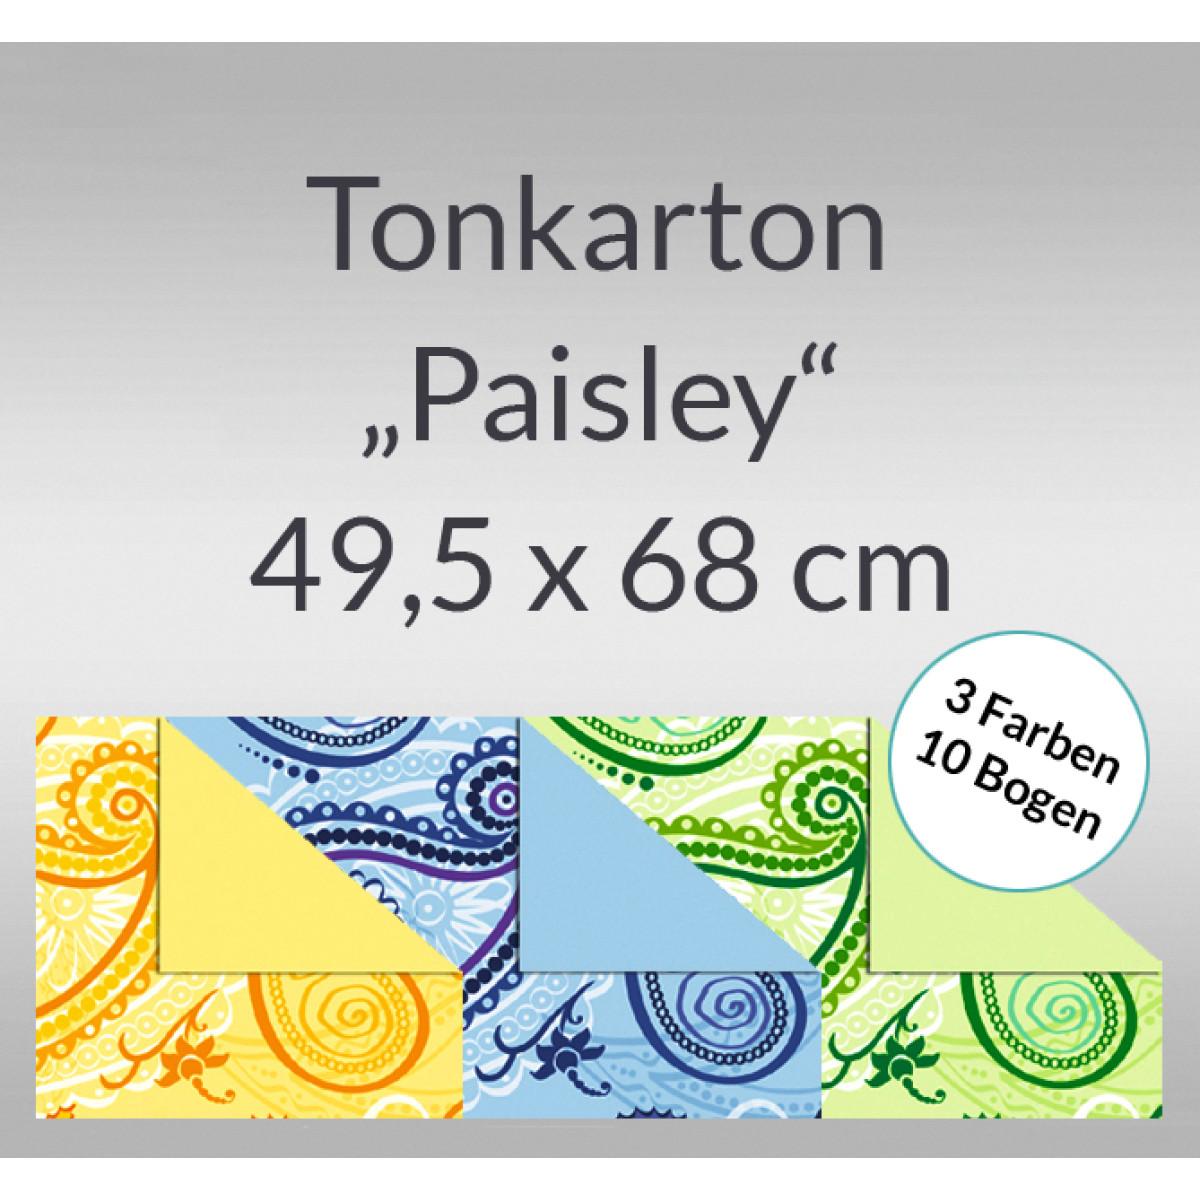 """Tonkarton """"Paisley"""" 220 g/qm 49,5 x 68 cm 10 Bogen sortiert"""